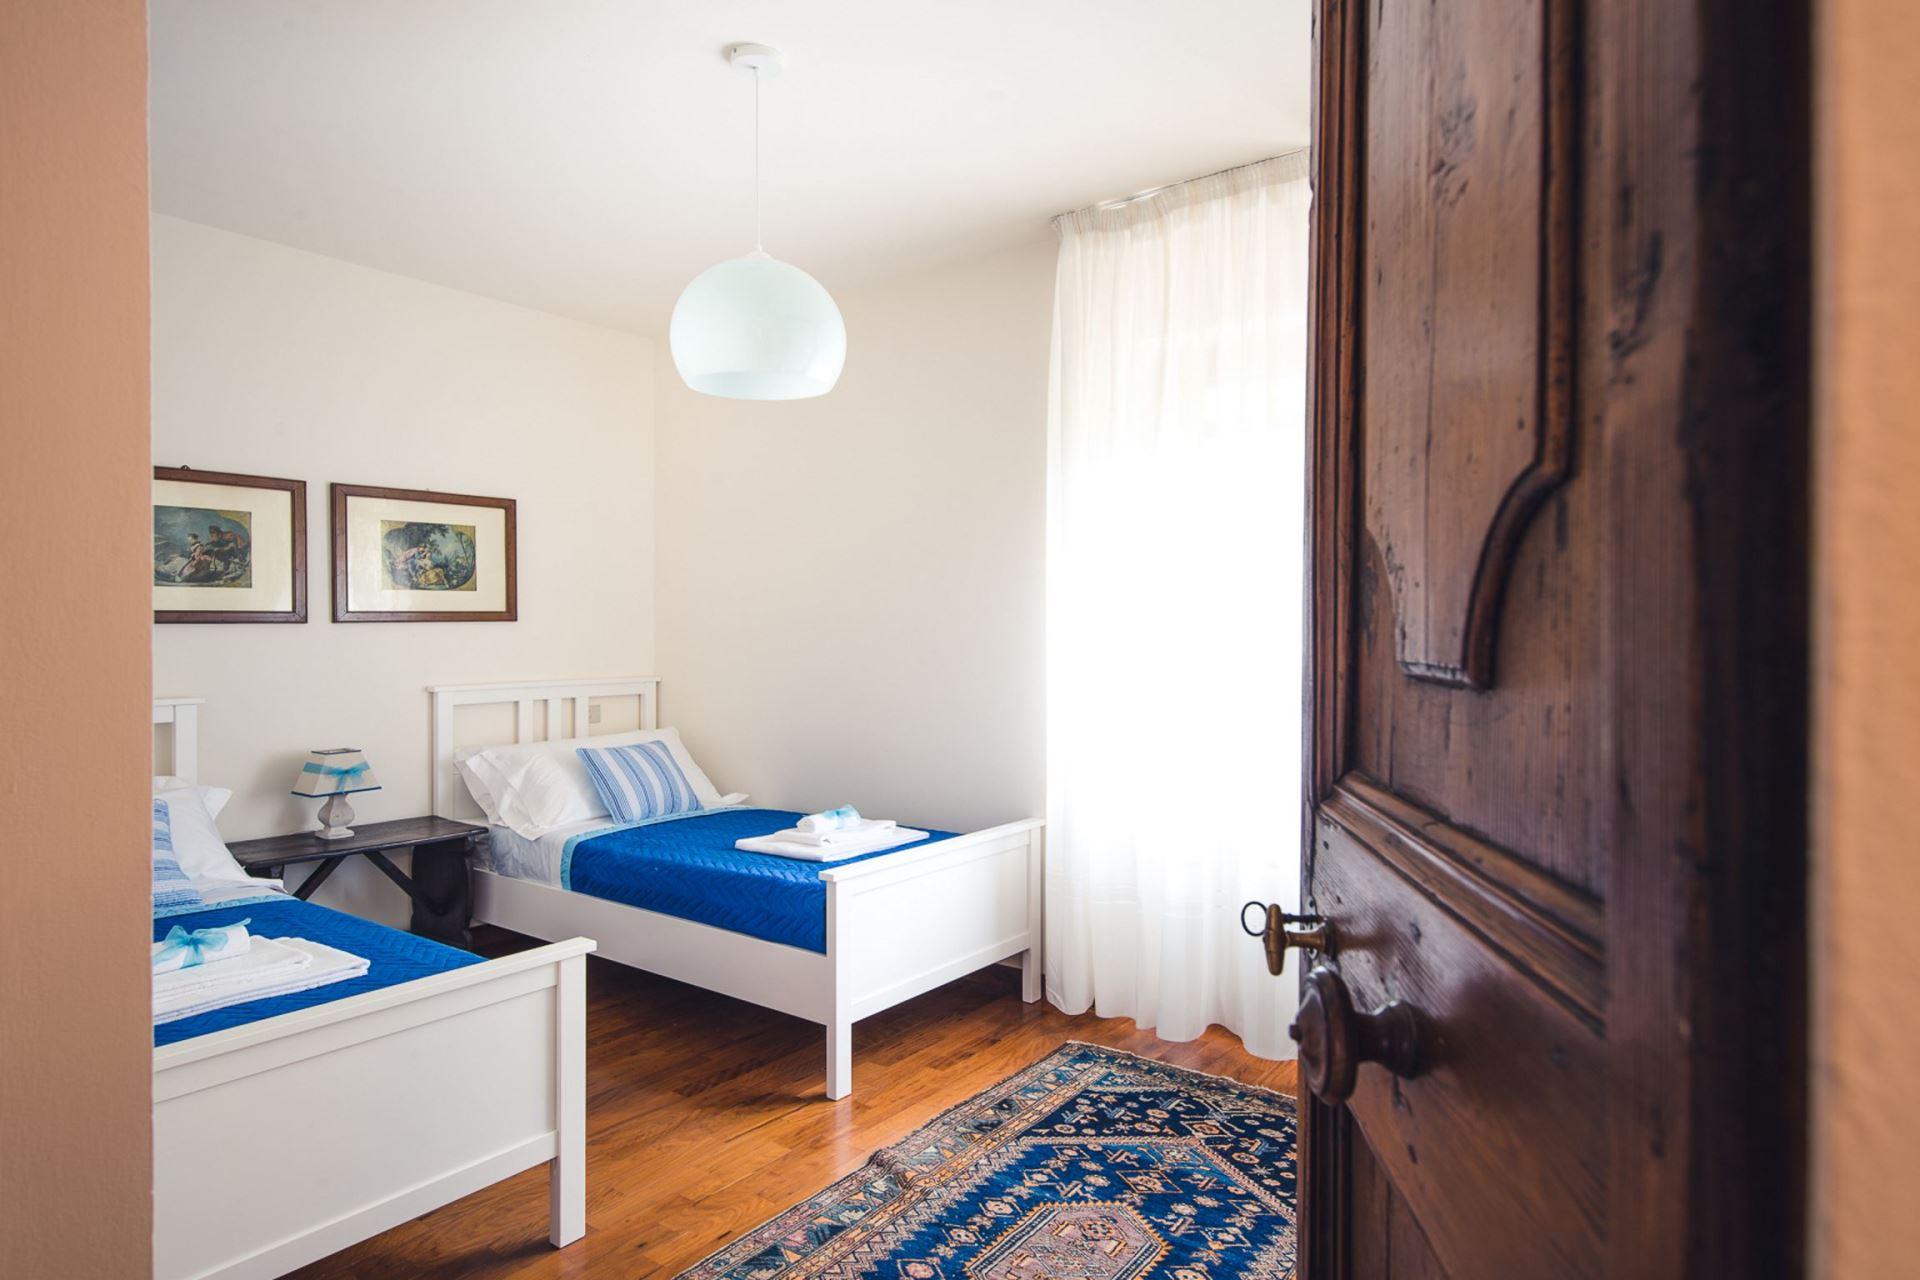 Ferienhaus VILLA MARINA (2195811), Pesaro, Pesaro und Urbino, Marken, Italien, Bild 12